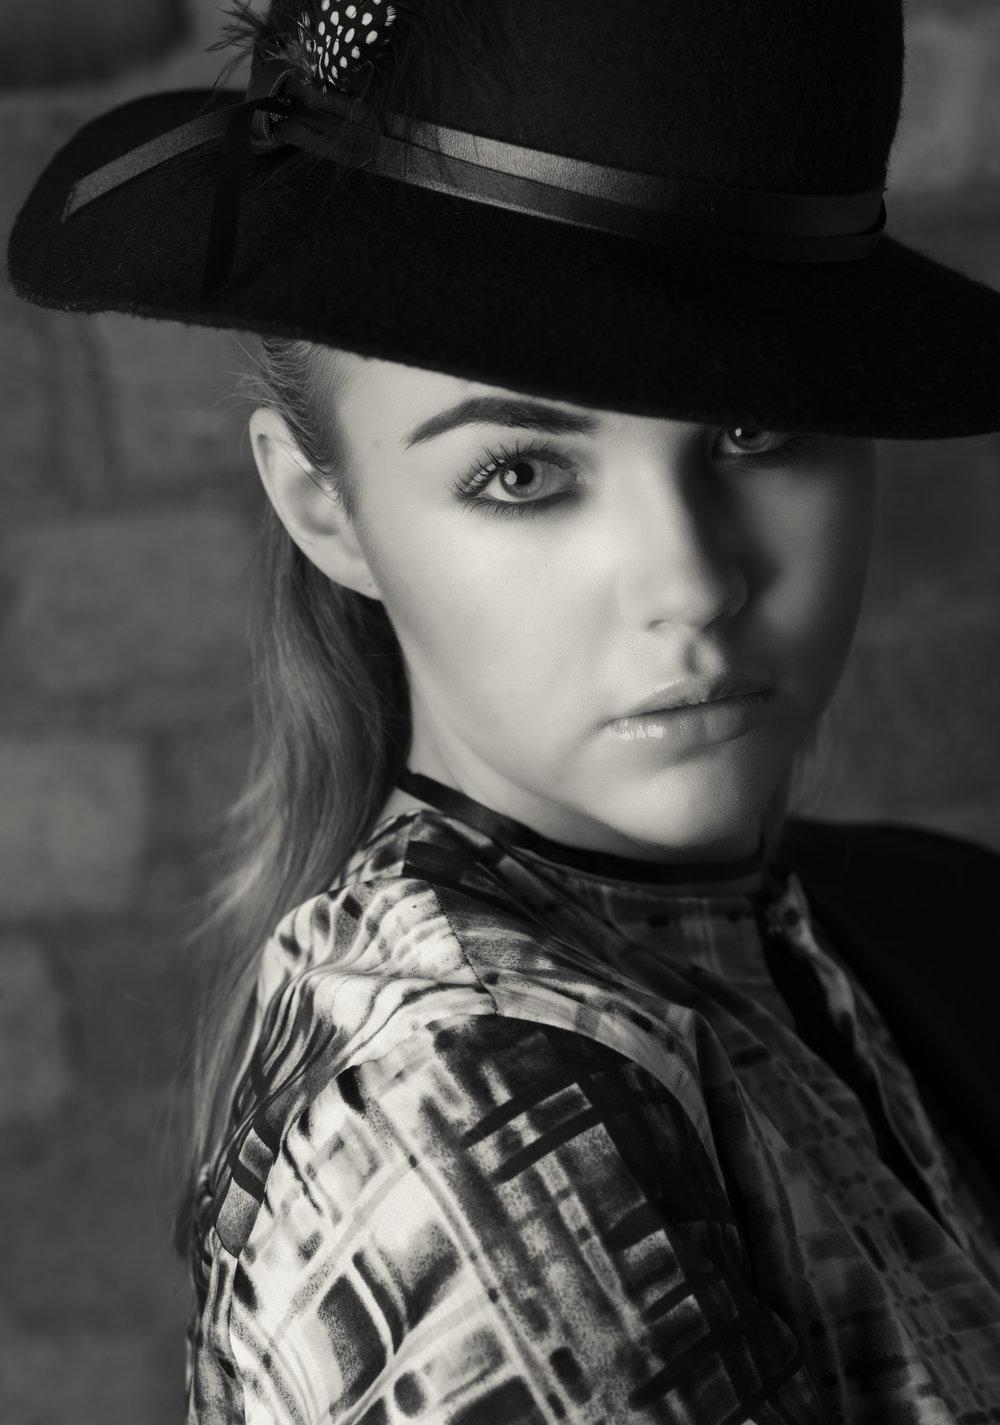 zaramia-ava-zaramiaava-leeds-fashion-designer-ethical-sustainable-glasses-versatile-drape-wrap-top-wrap-top-jacket-mio-black-white-grey-styling-hat-studio-womenswear-photoshoot-9